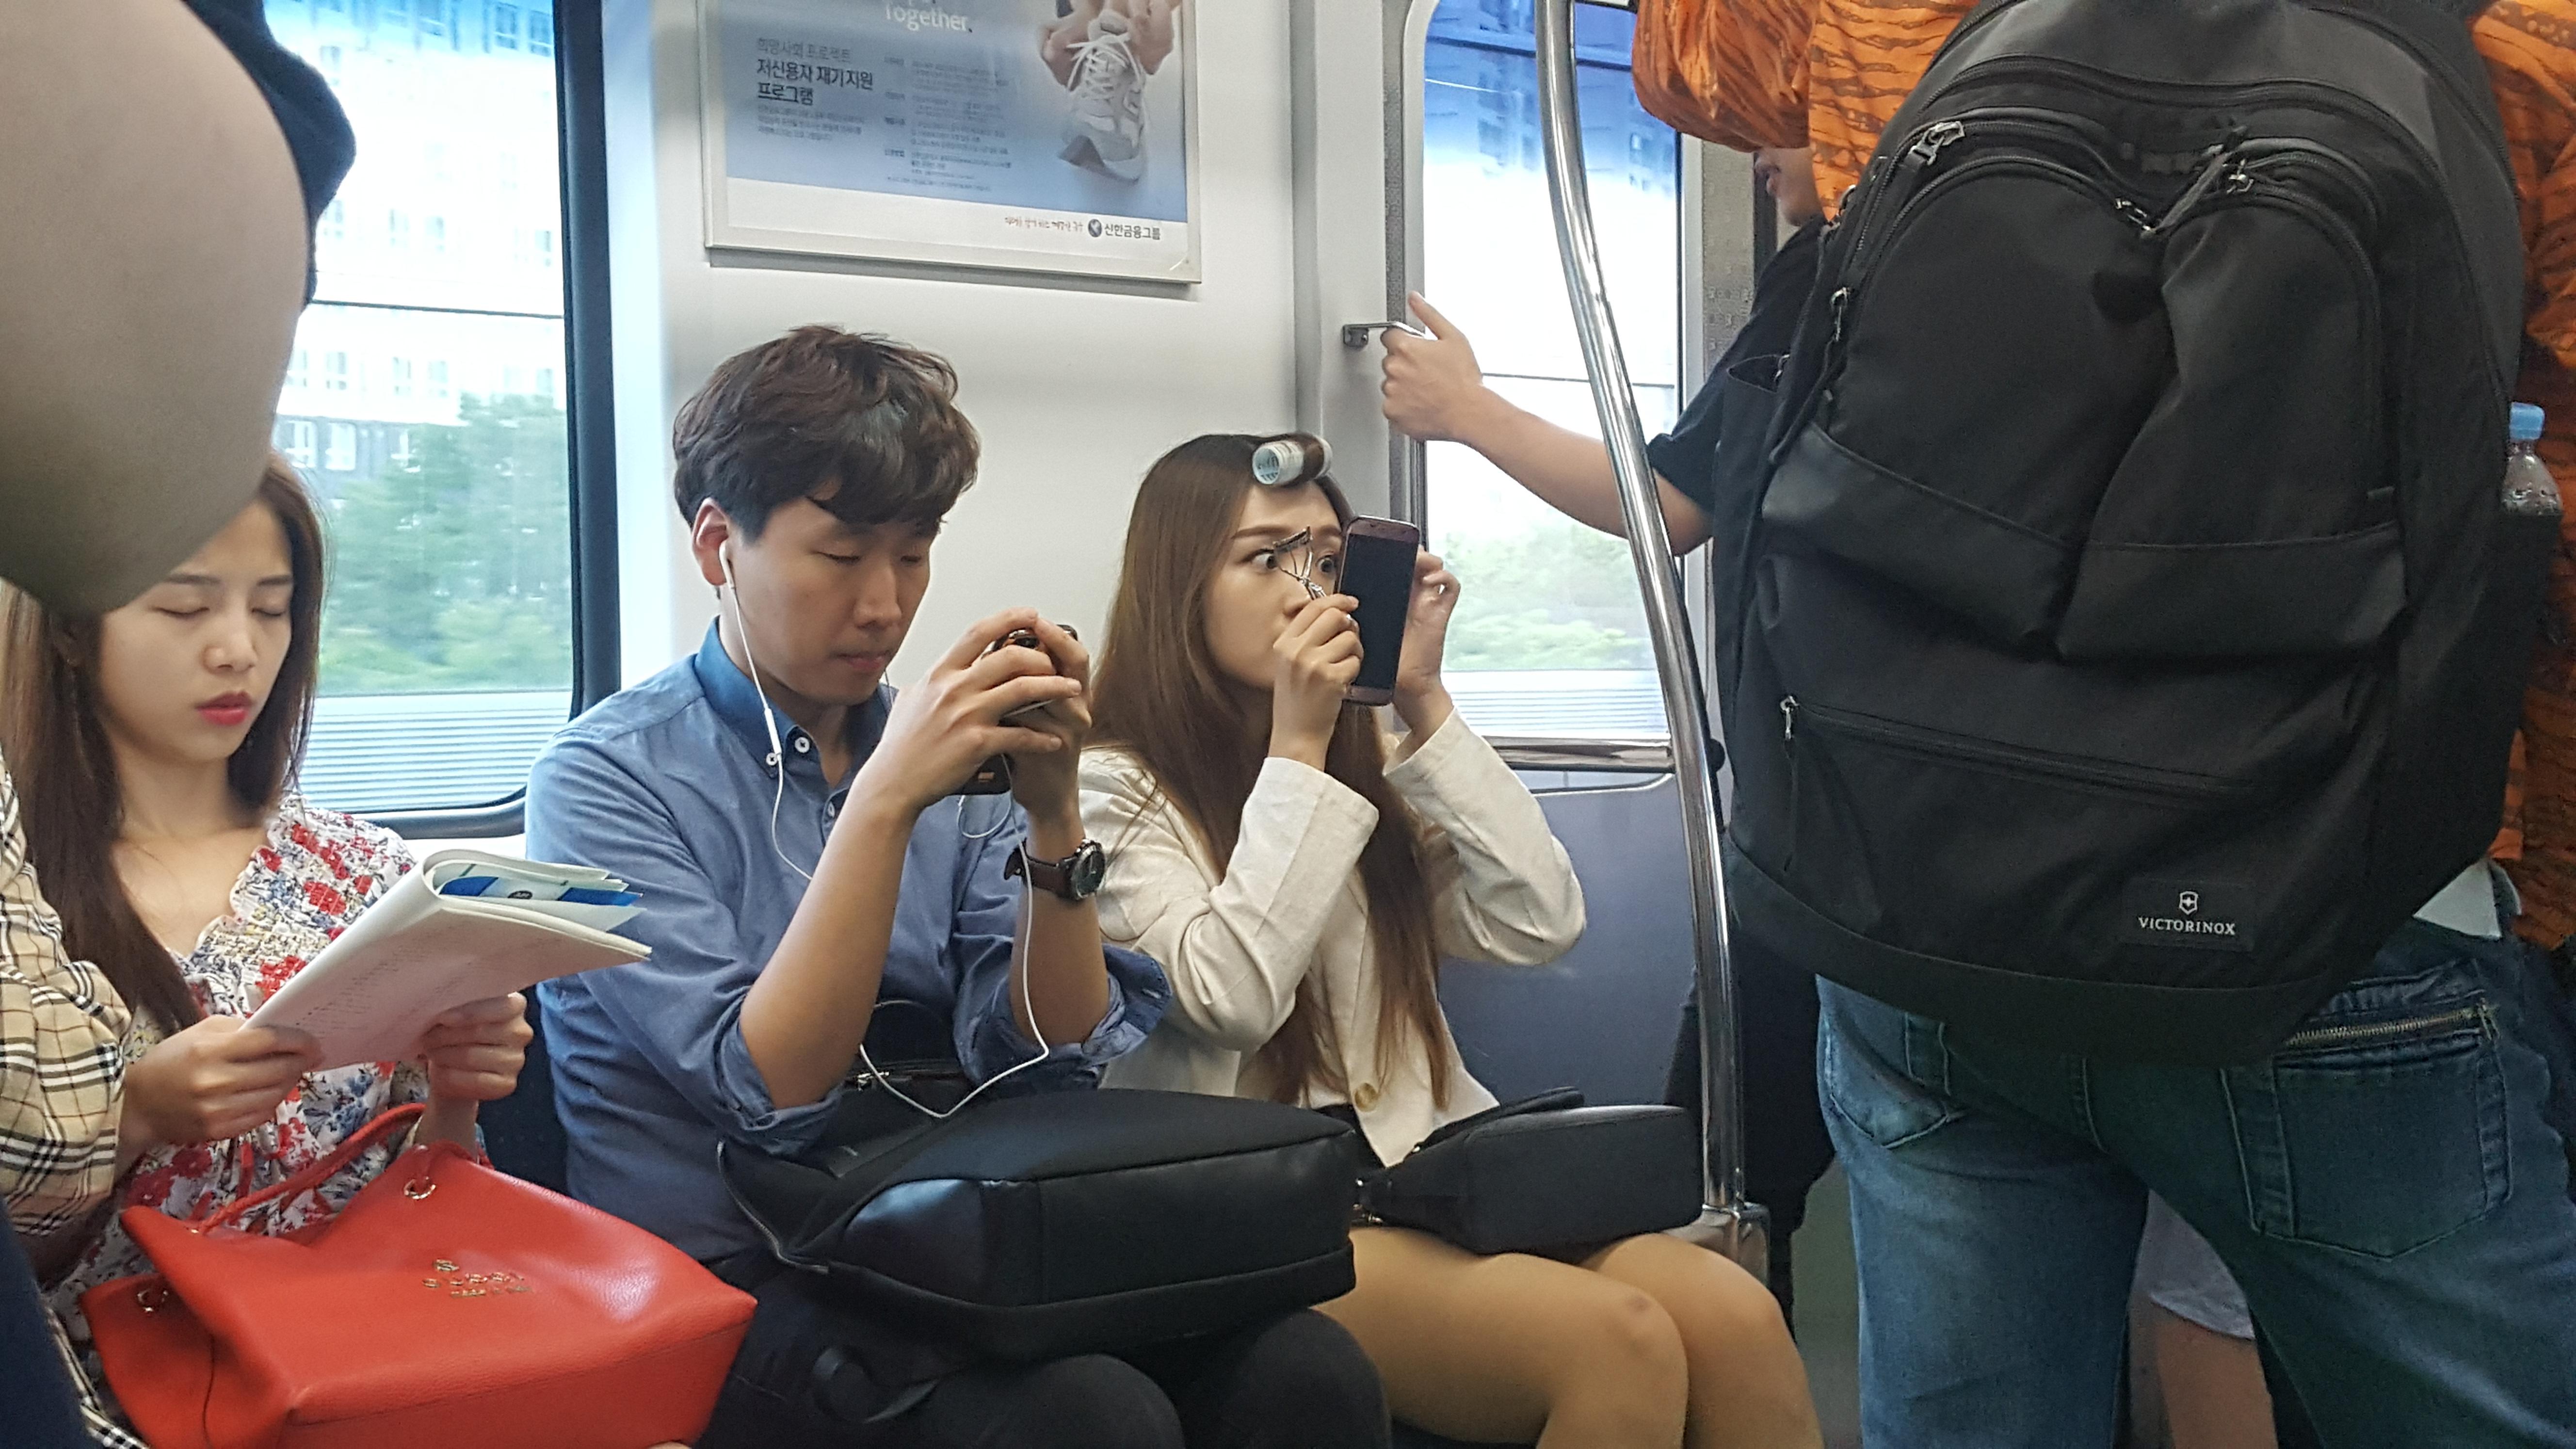 сЕУЛ Тем временем в Сеуле: о переезде украинской семьи в Южную Корею 20180910 181702